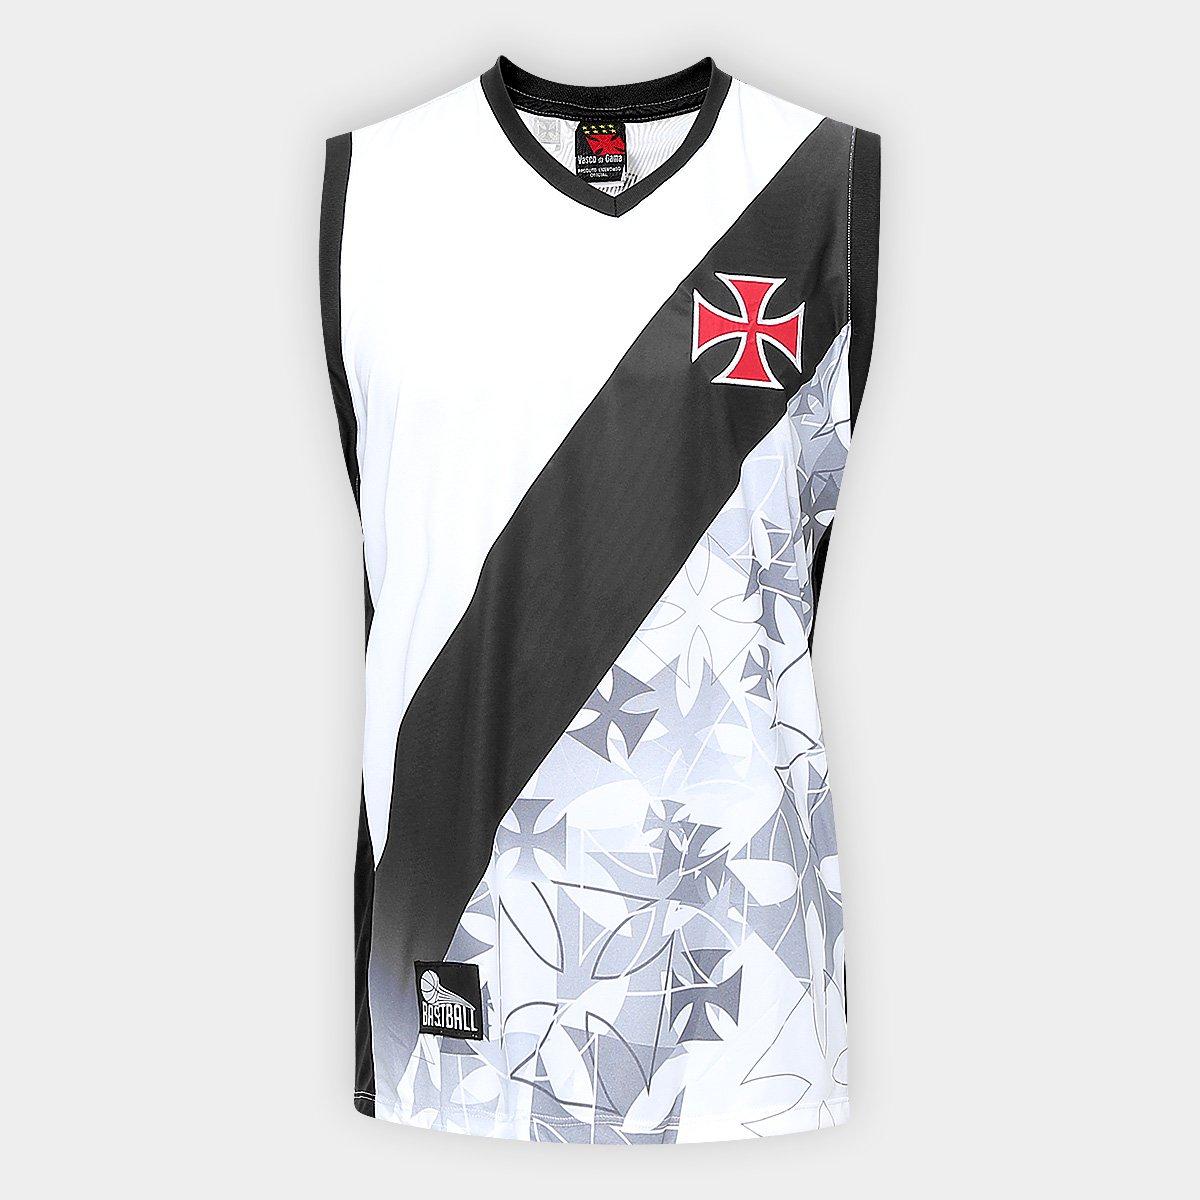 13994a0545 Camiseta Regata Vasco Hoop Masculina